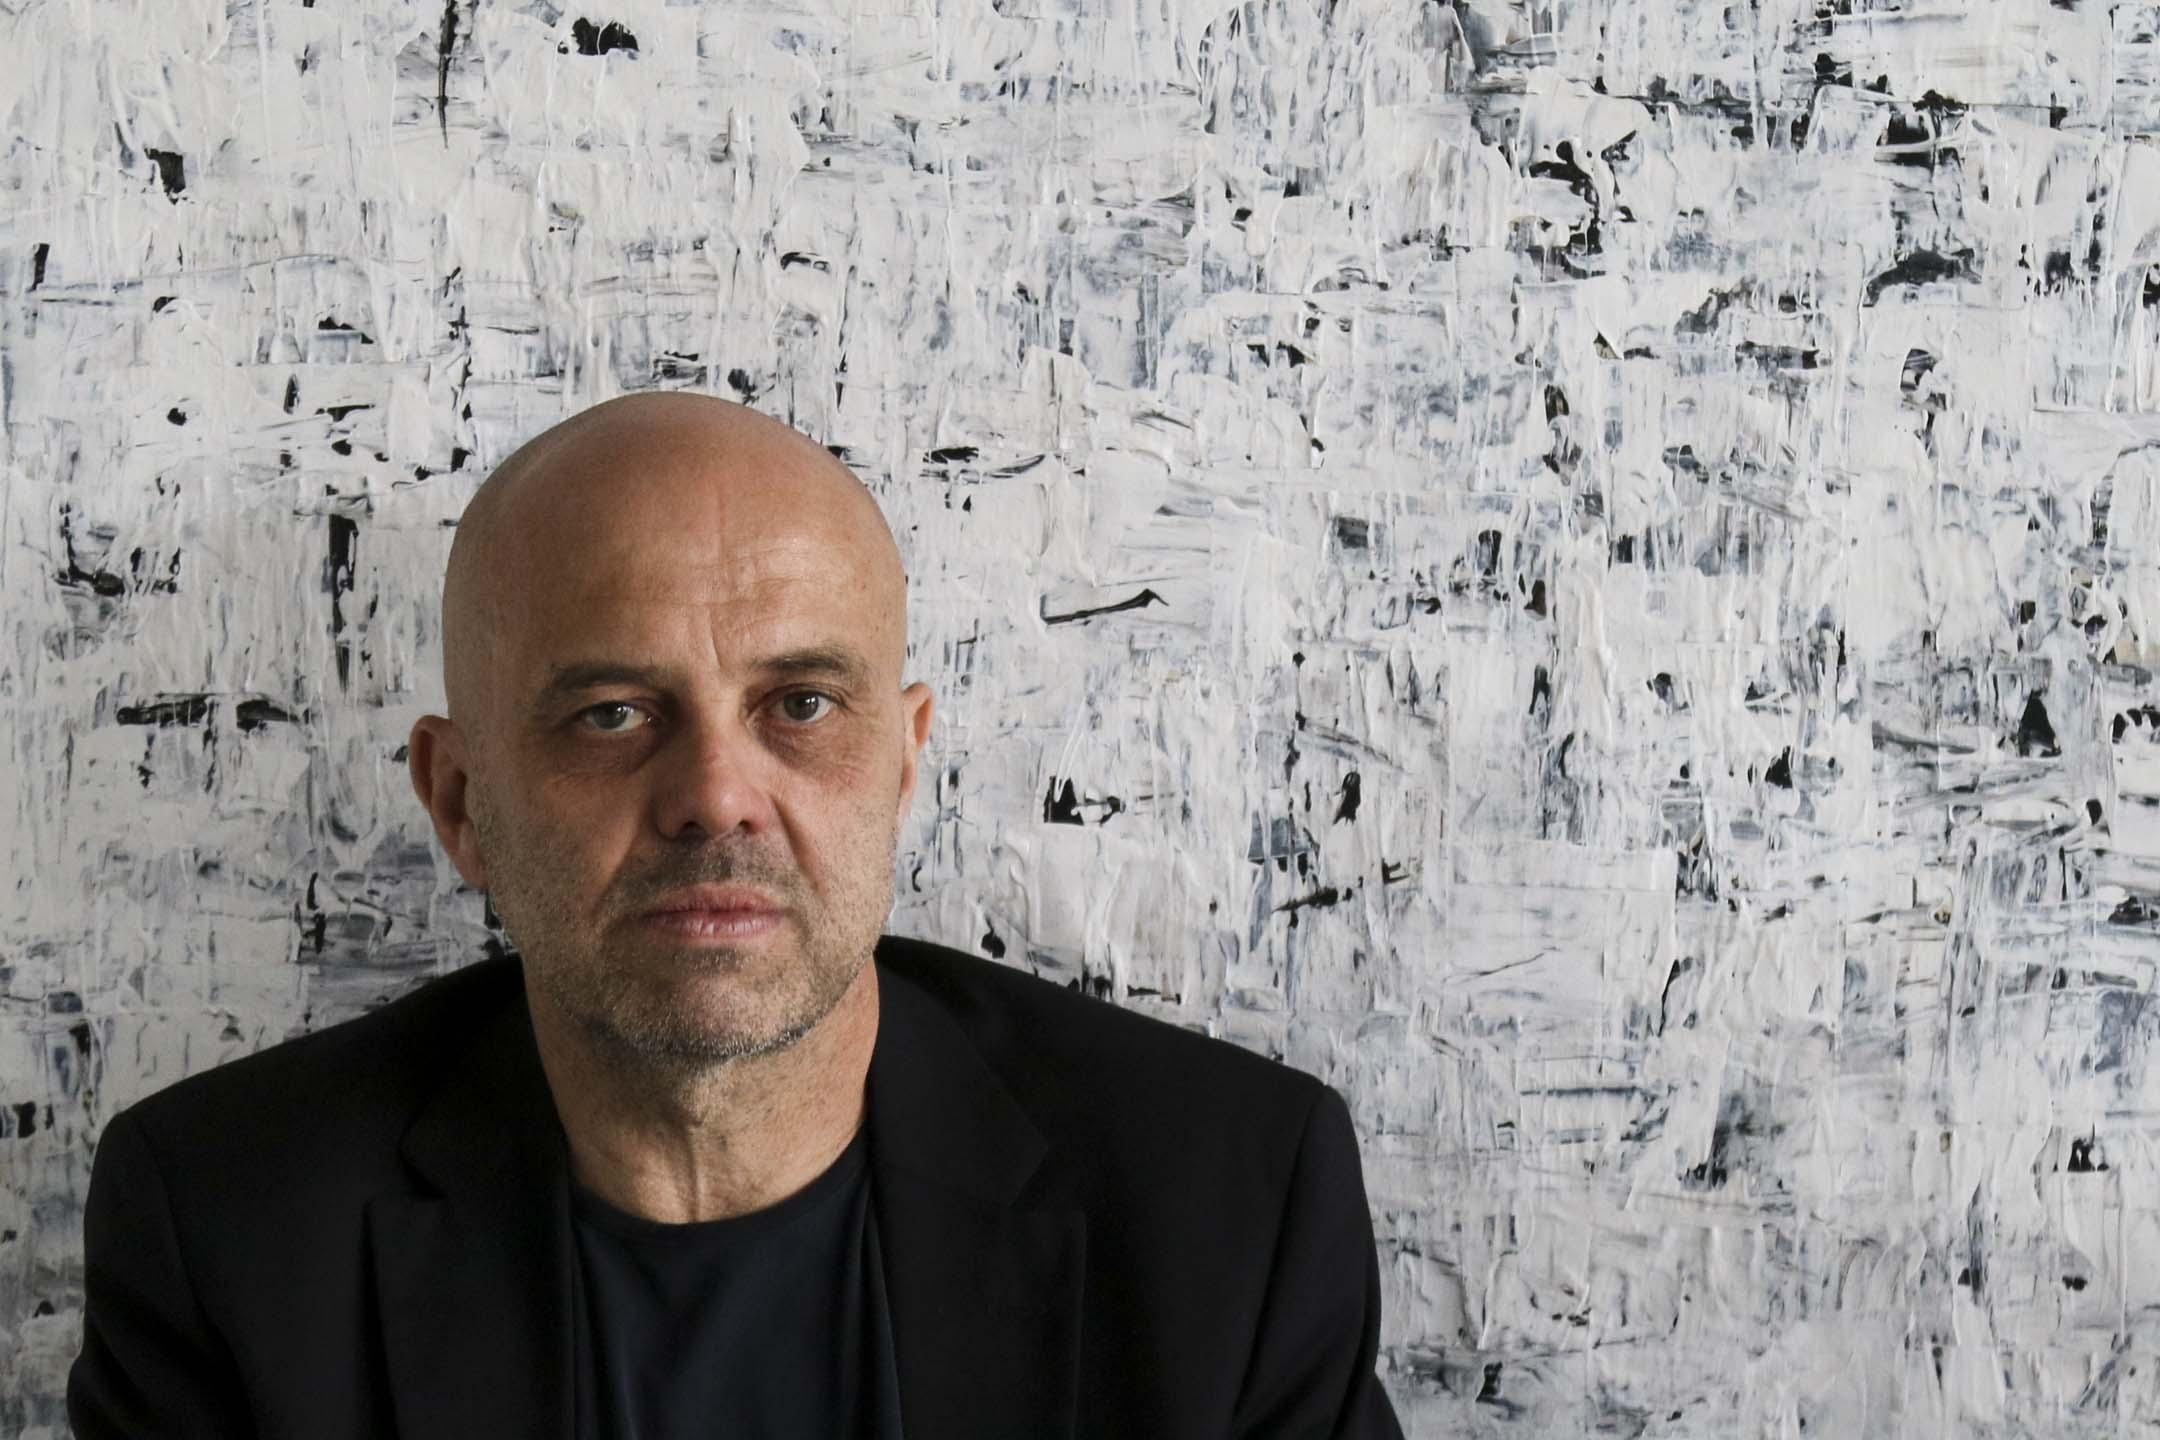 五十八歲的德國藝術家Gerd Leins一直在藝術中探索生死命題,作品獨樹一幟。 攝影:Natalie Chen